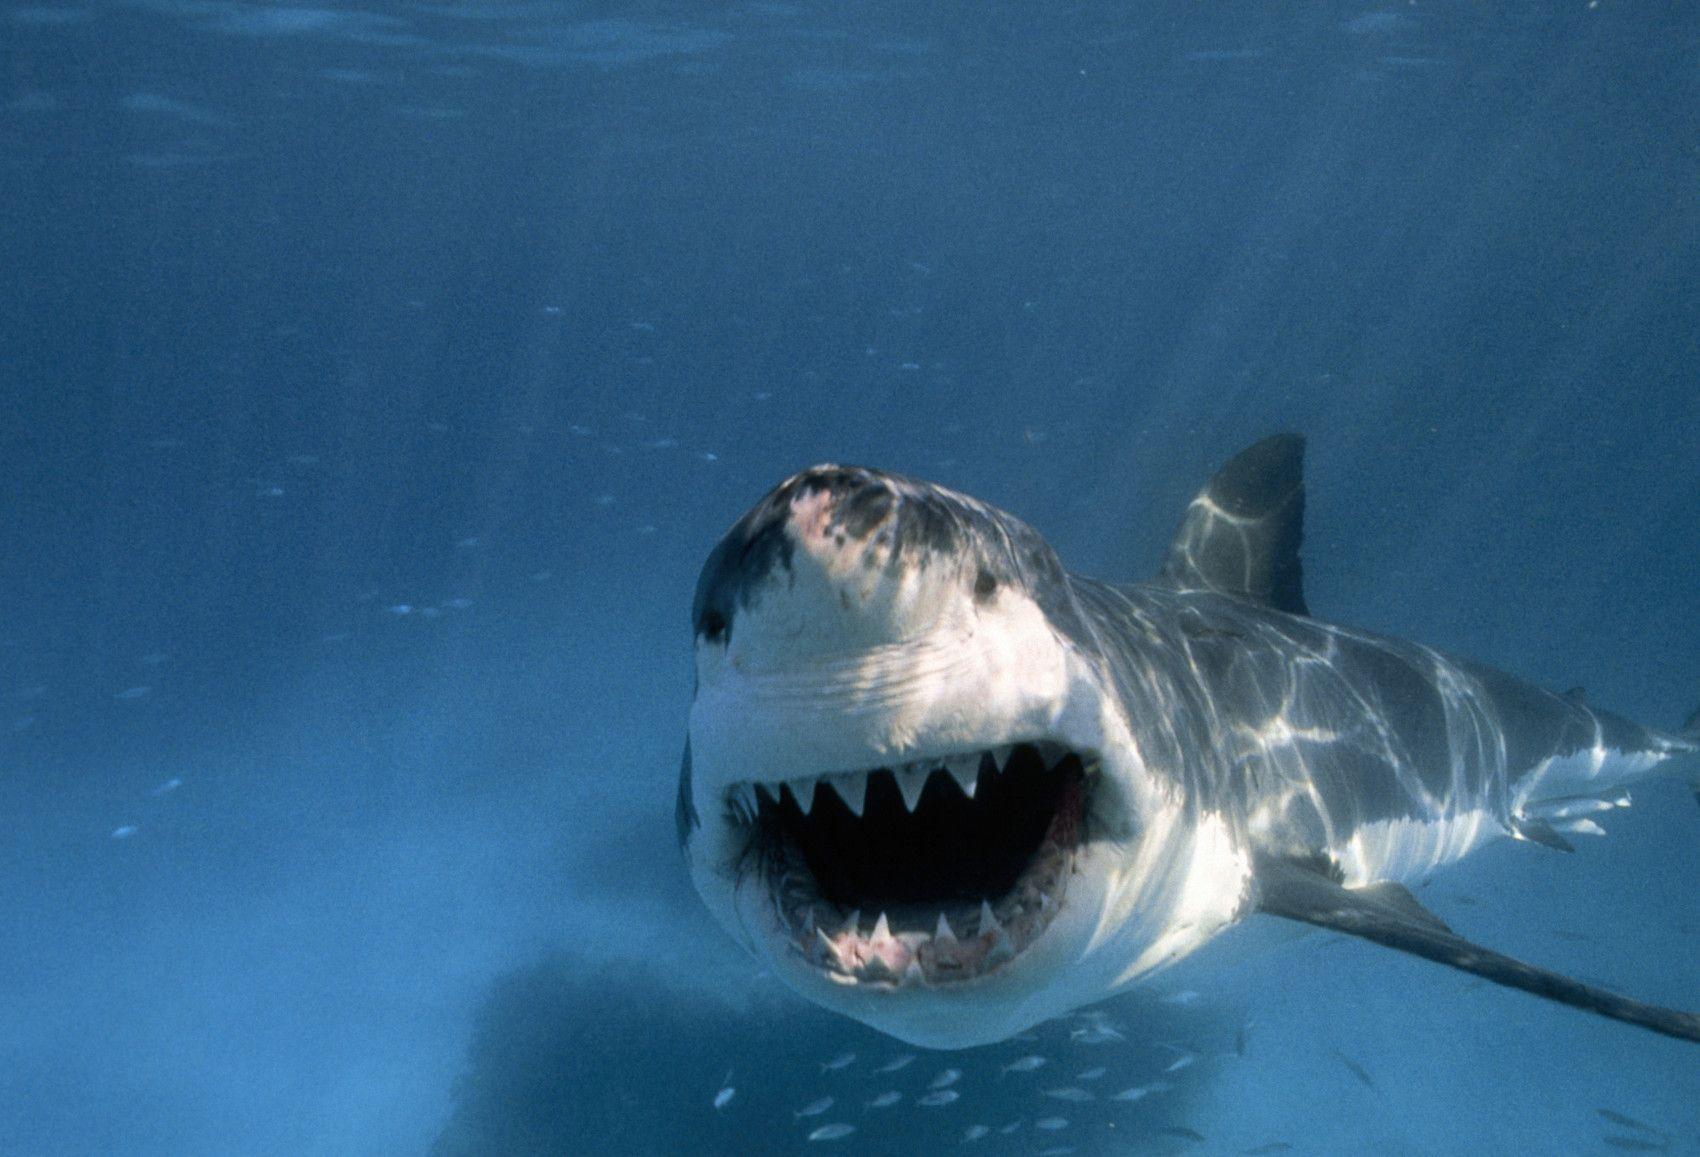 расскажем покажем, не дразни акул картинки женщина счастлива, что